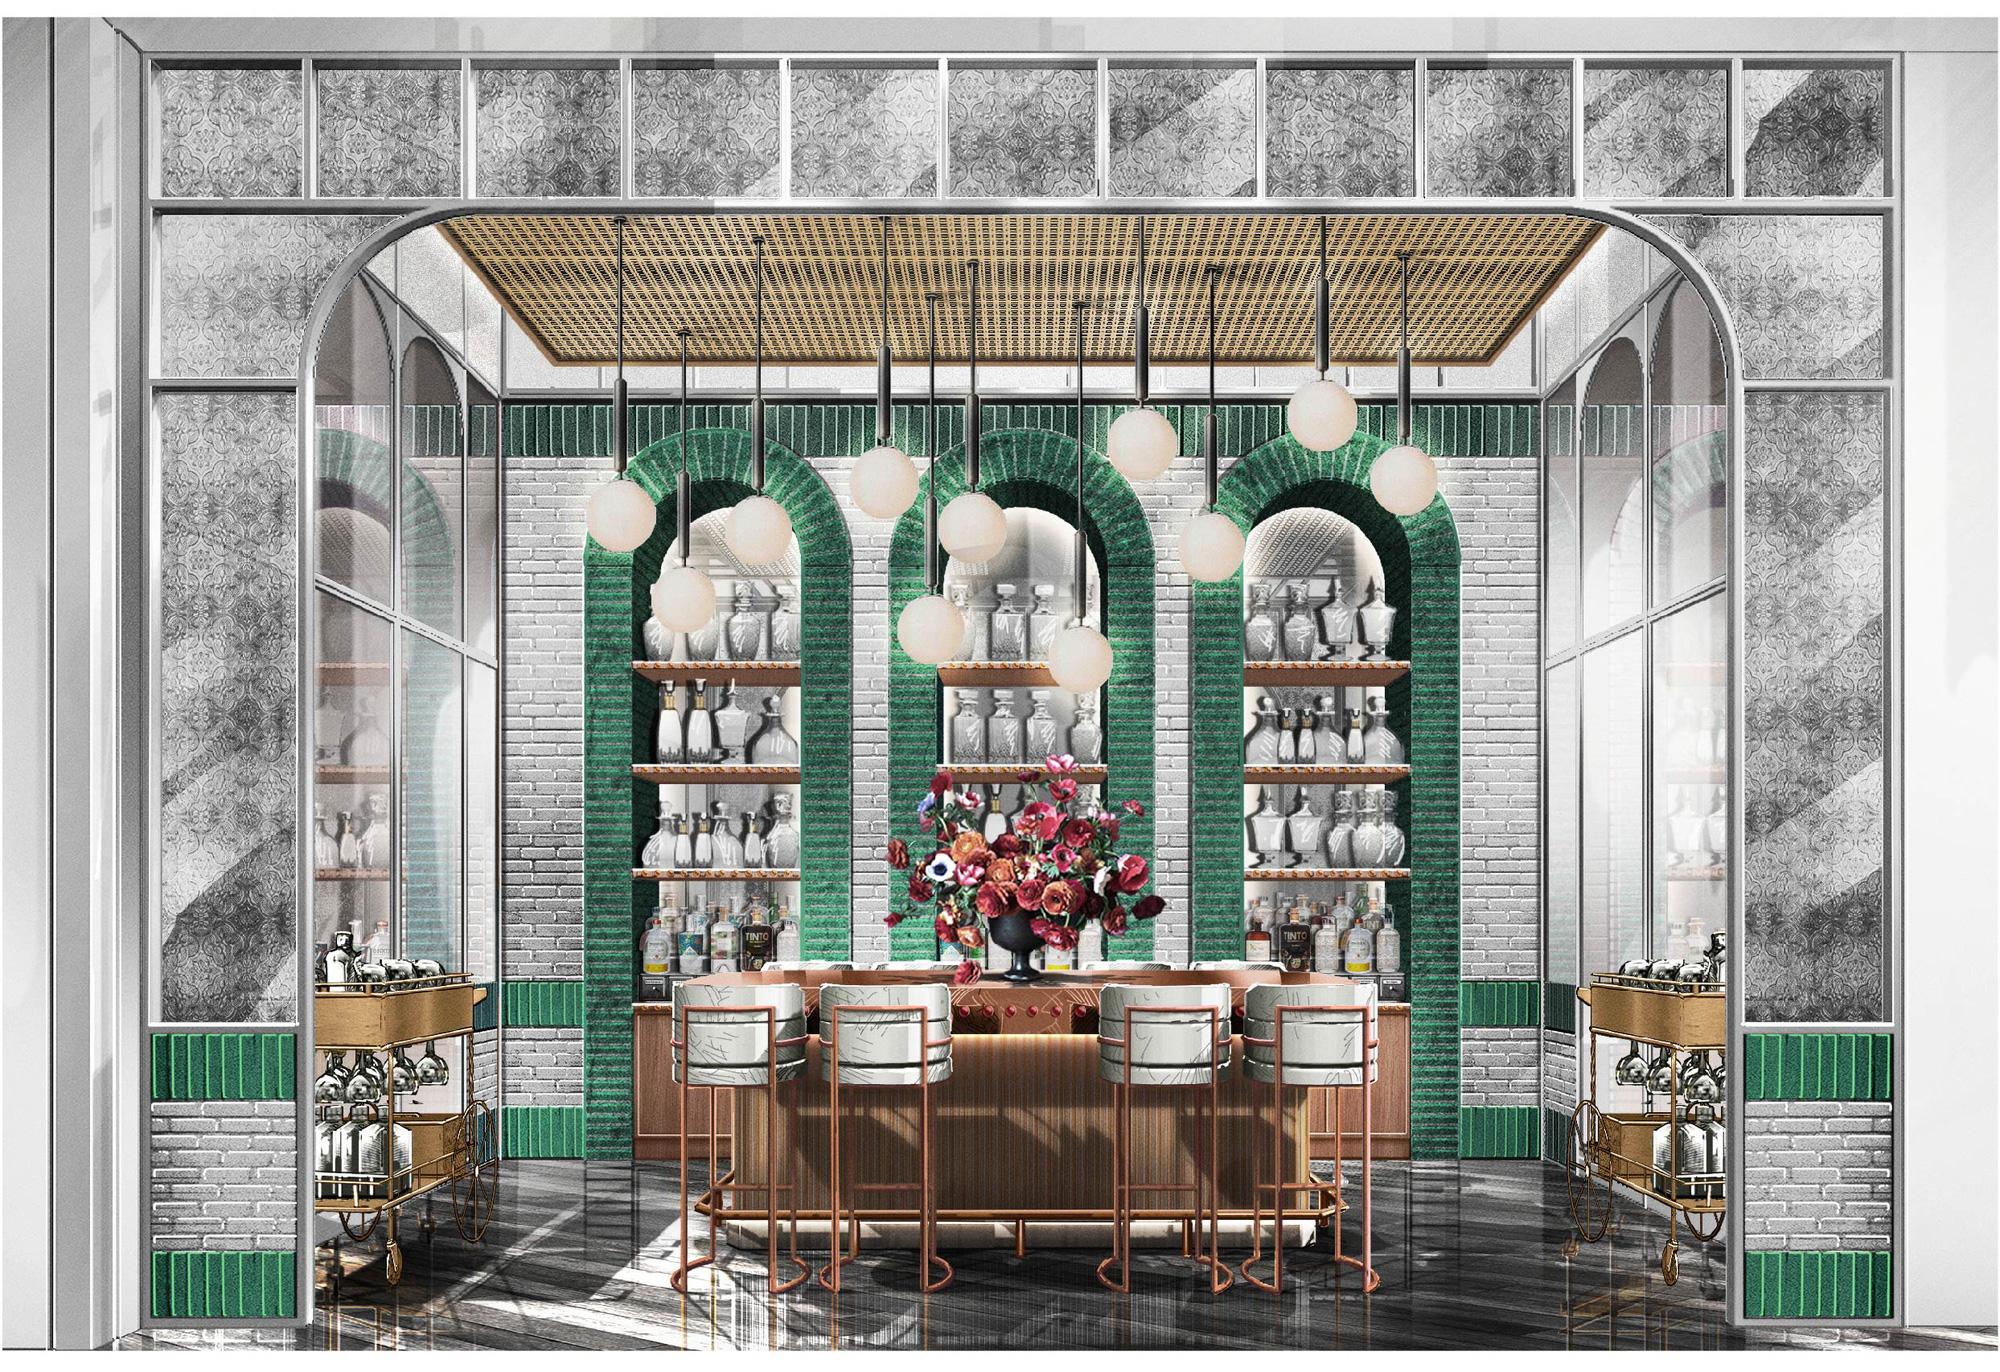 Nhà hàng của Việt Nam lọt top 20 nhà hàng tốt nhất châu Á – Thái Bình Dương, du khách nên thử trong năm 2020 - Ảnh 5.